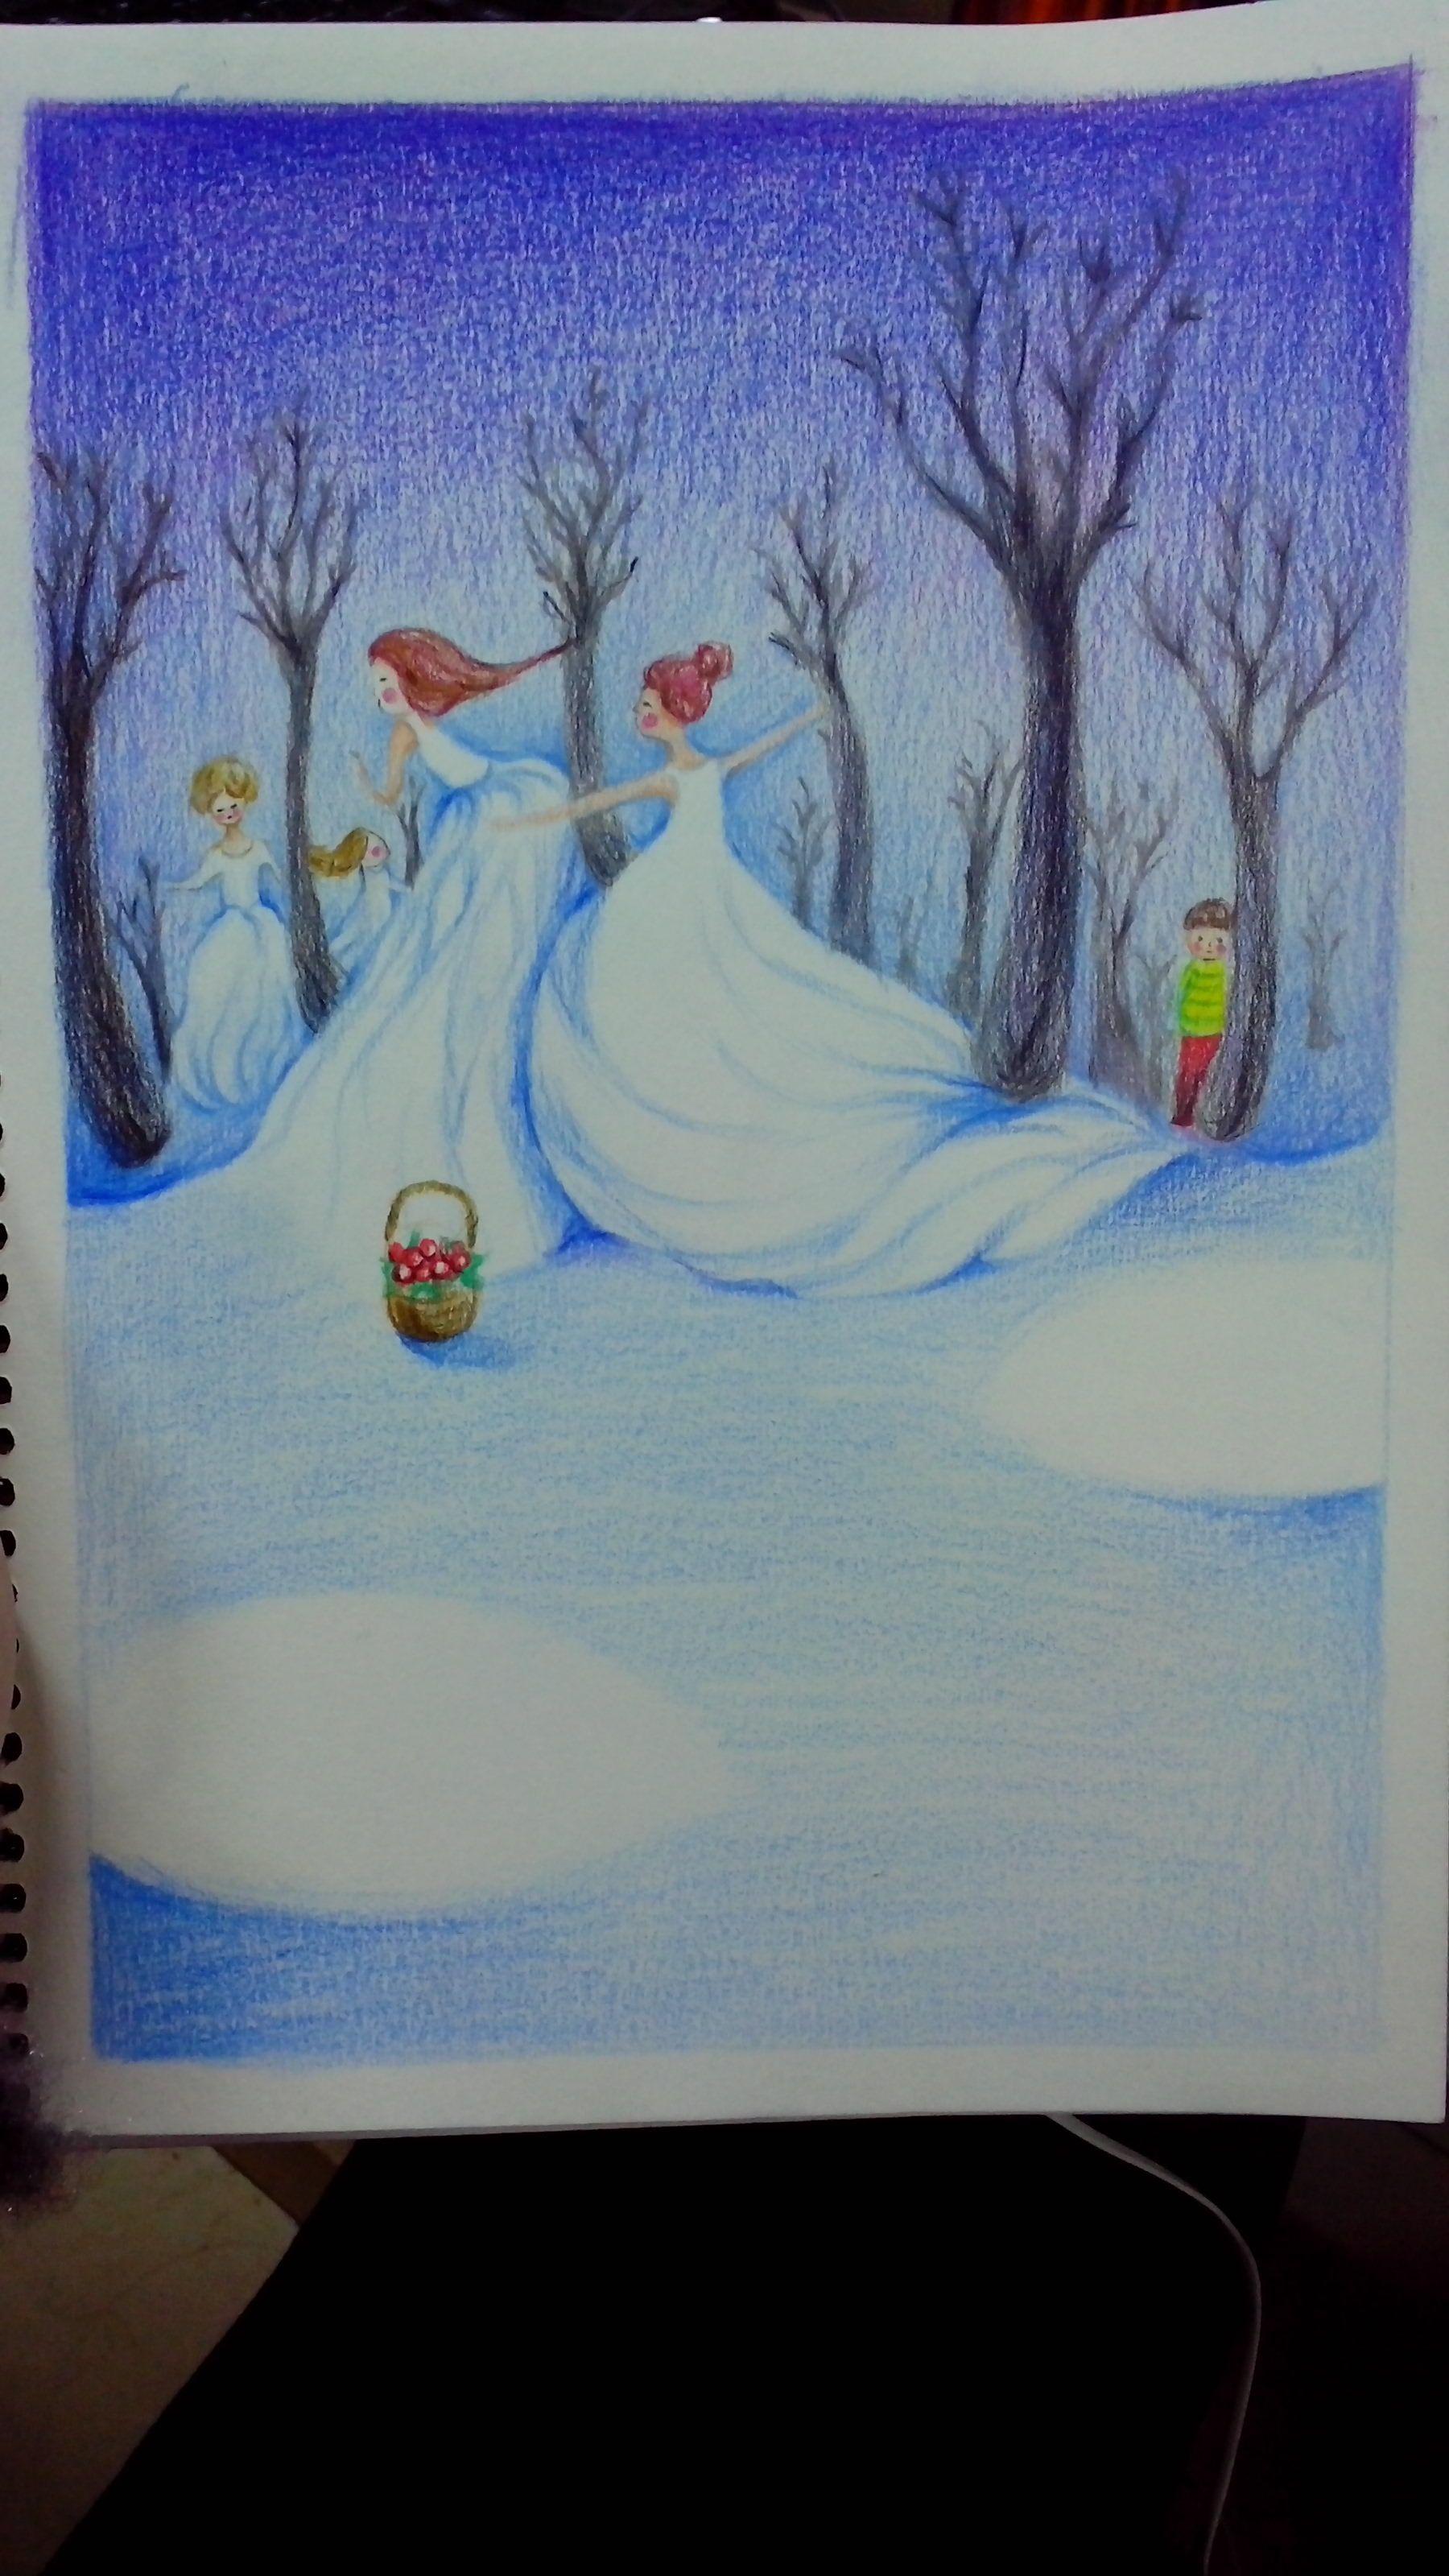 手绘彩铅插画|插画|儿童插画|小呆呆0514 - 原创作品